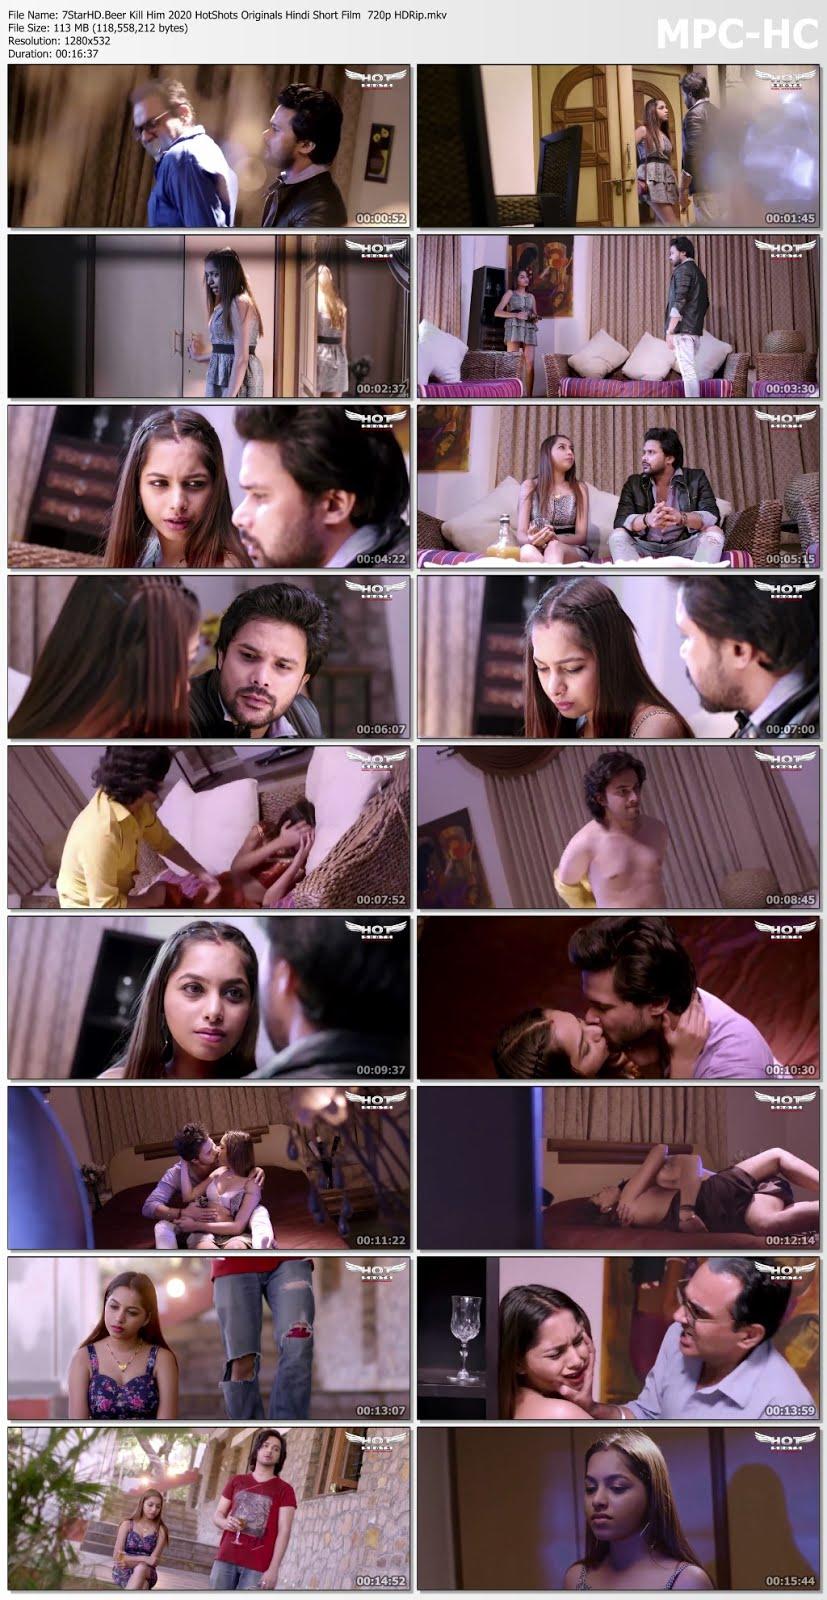 Kill Him 2020 HotShots Originals Hindi Short Film 720p HDRip 110MB ...